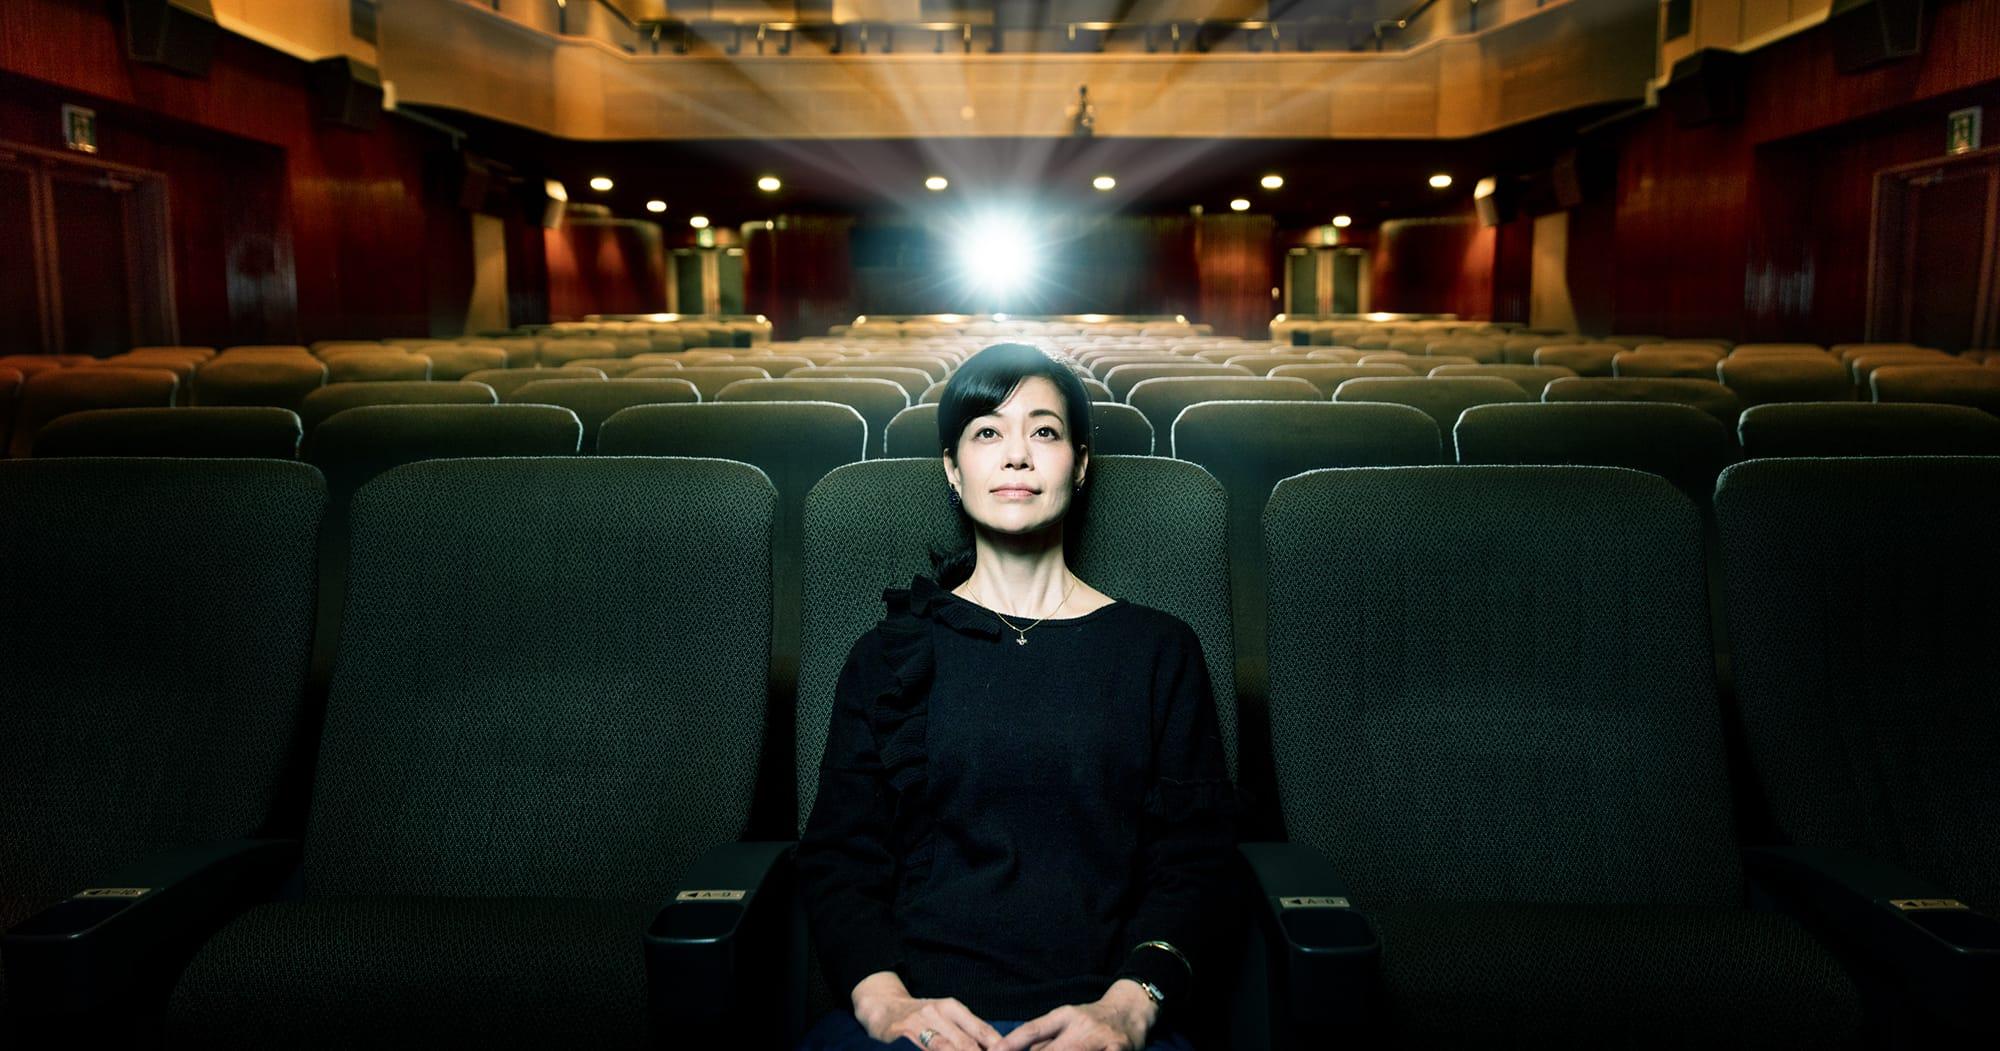 地下にある劇場「シネスイッチ1」は座席数271と広々している。ルーフバルコニータイプの2階席もあって人気だ。